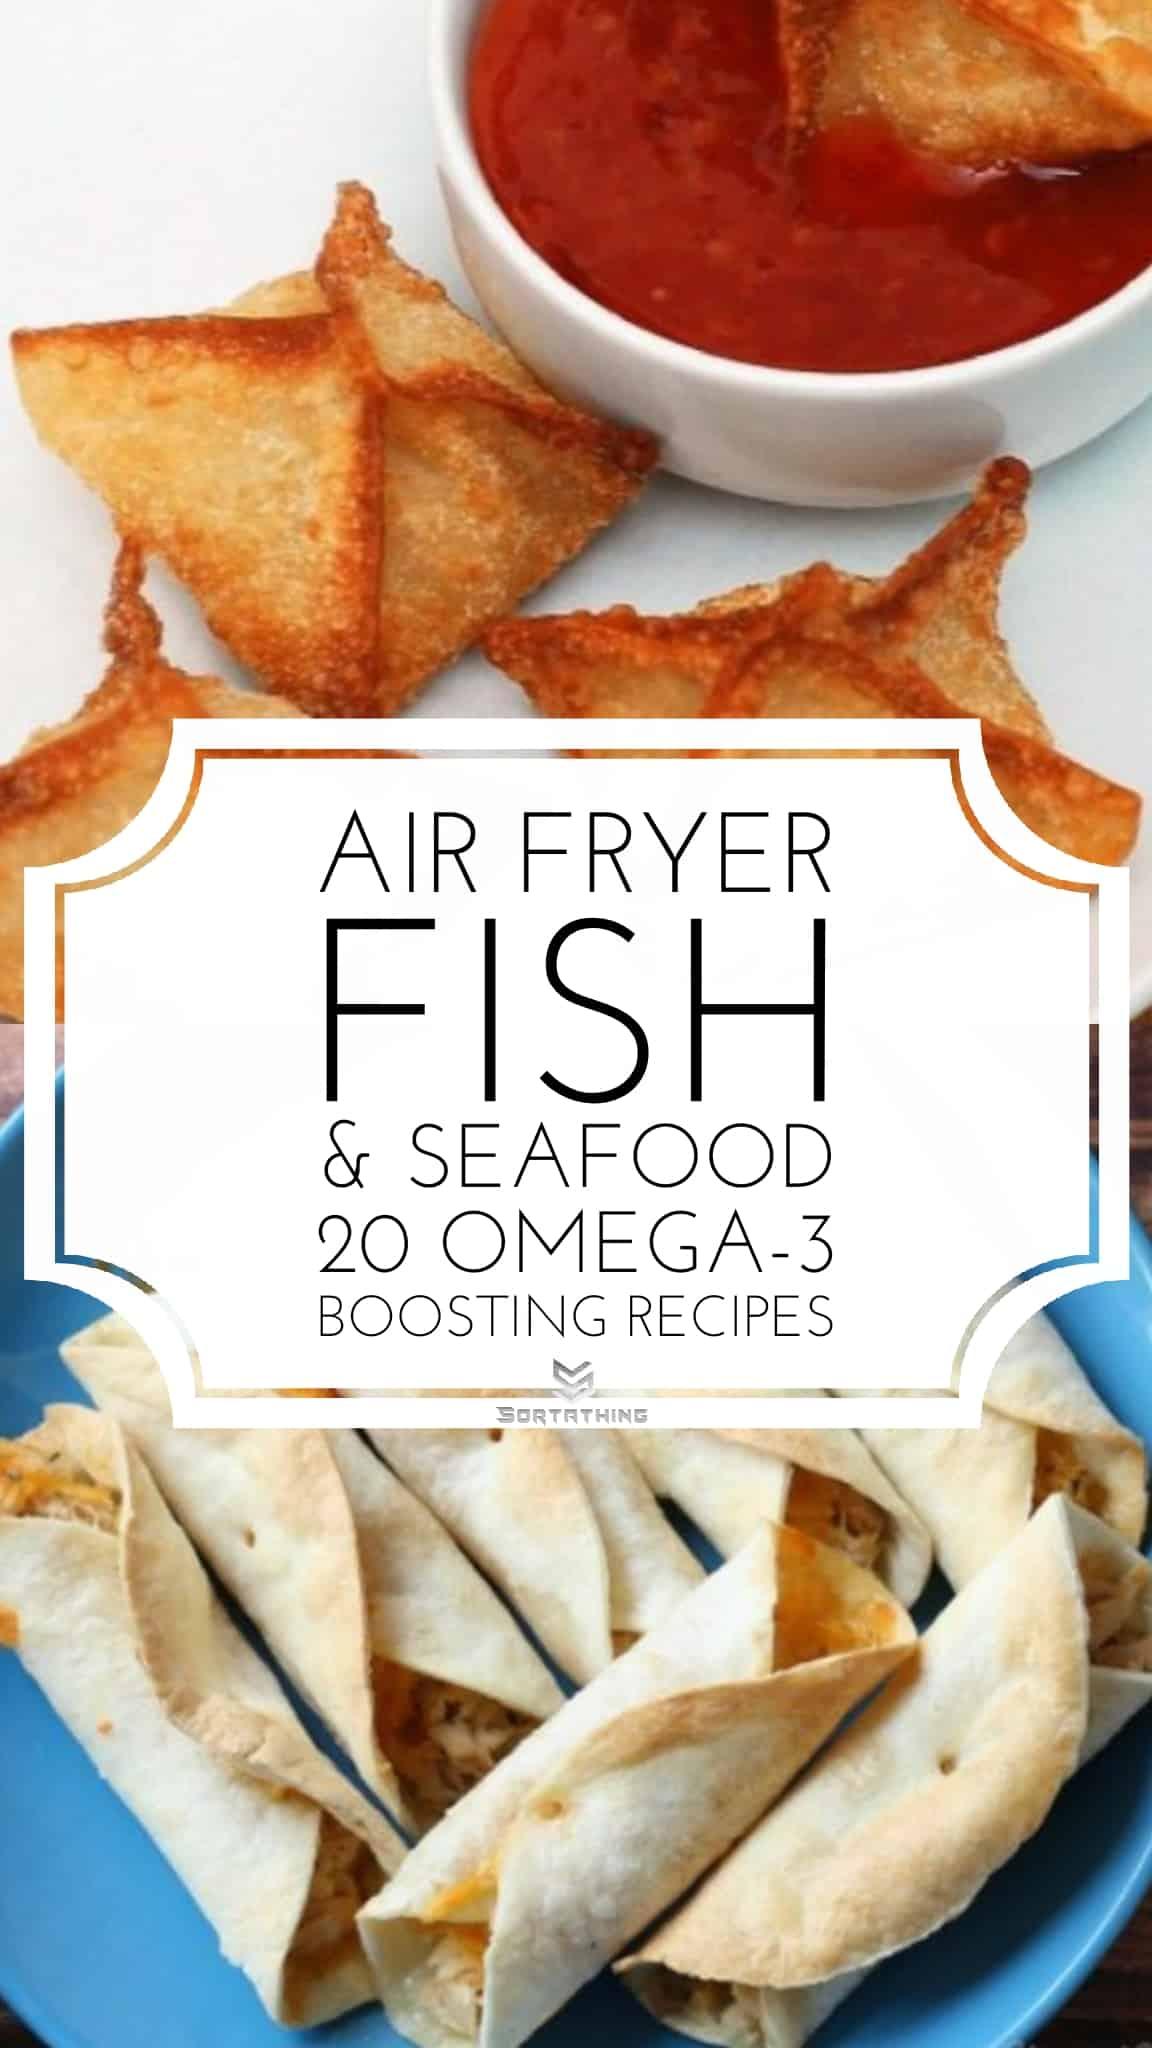 Air Fryer Crab Rangoon & Tuna Flautas